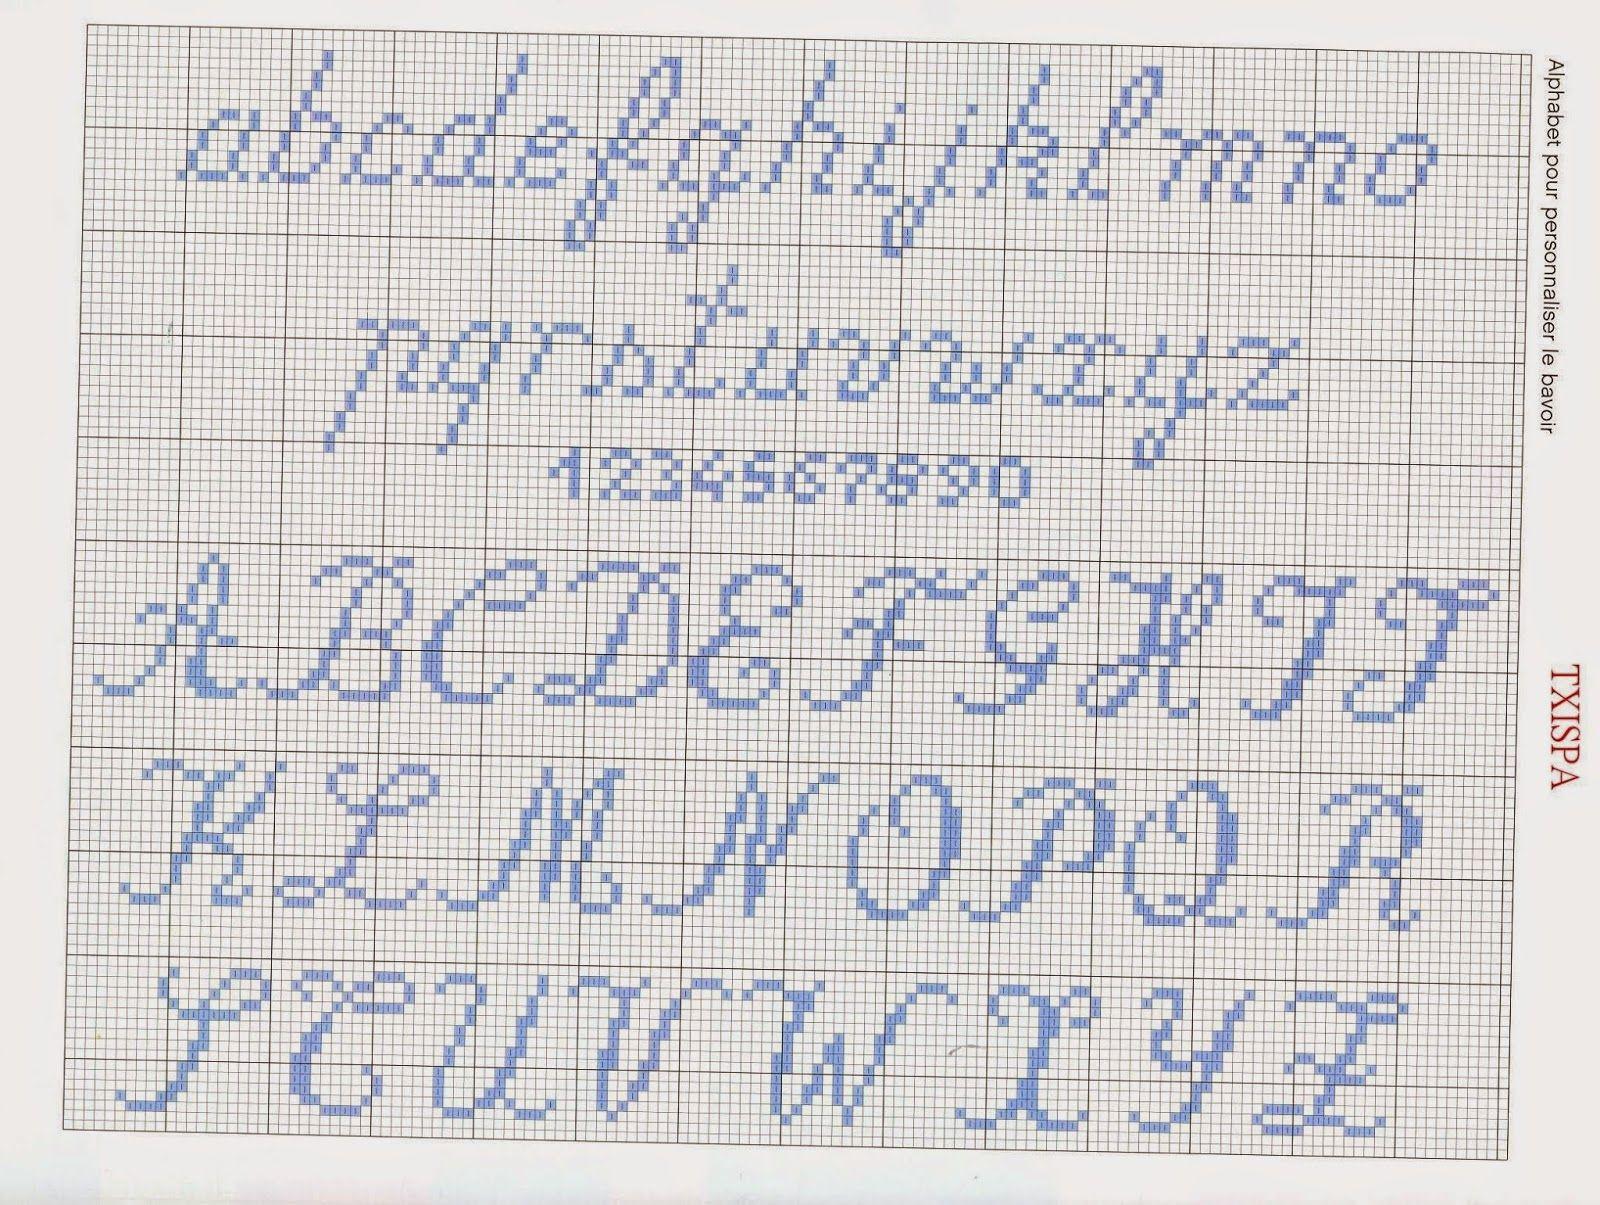 170892-e8e7c-18415425-.jpg (1600×1205) | Tutoriais | Pinterest ...